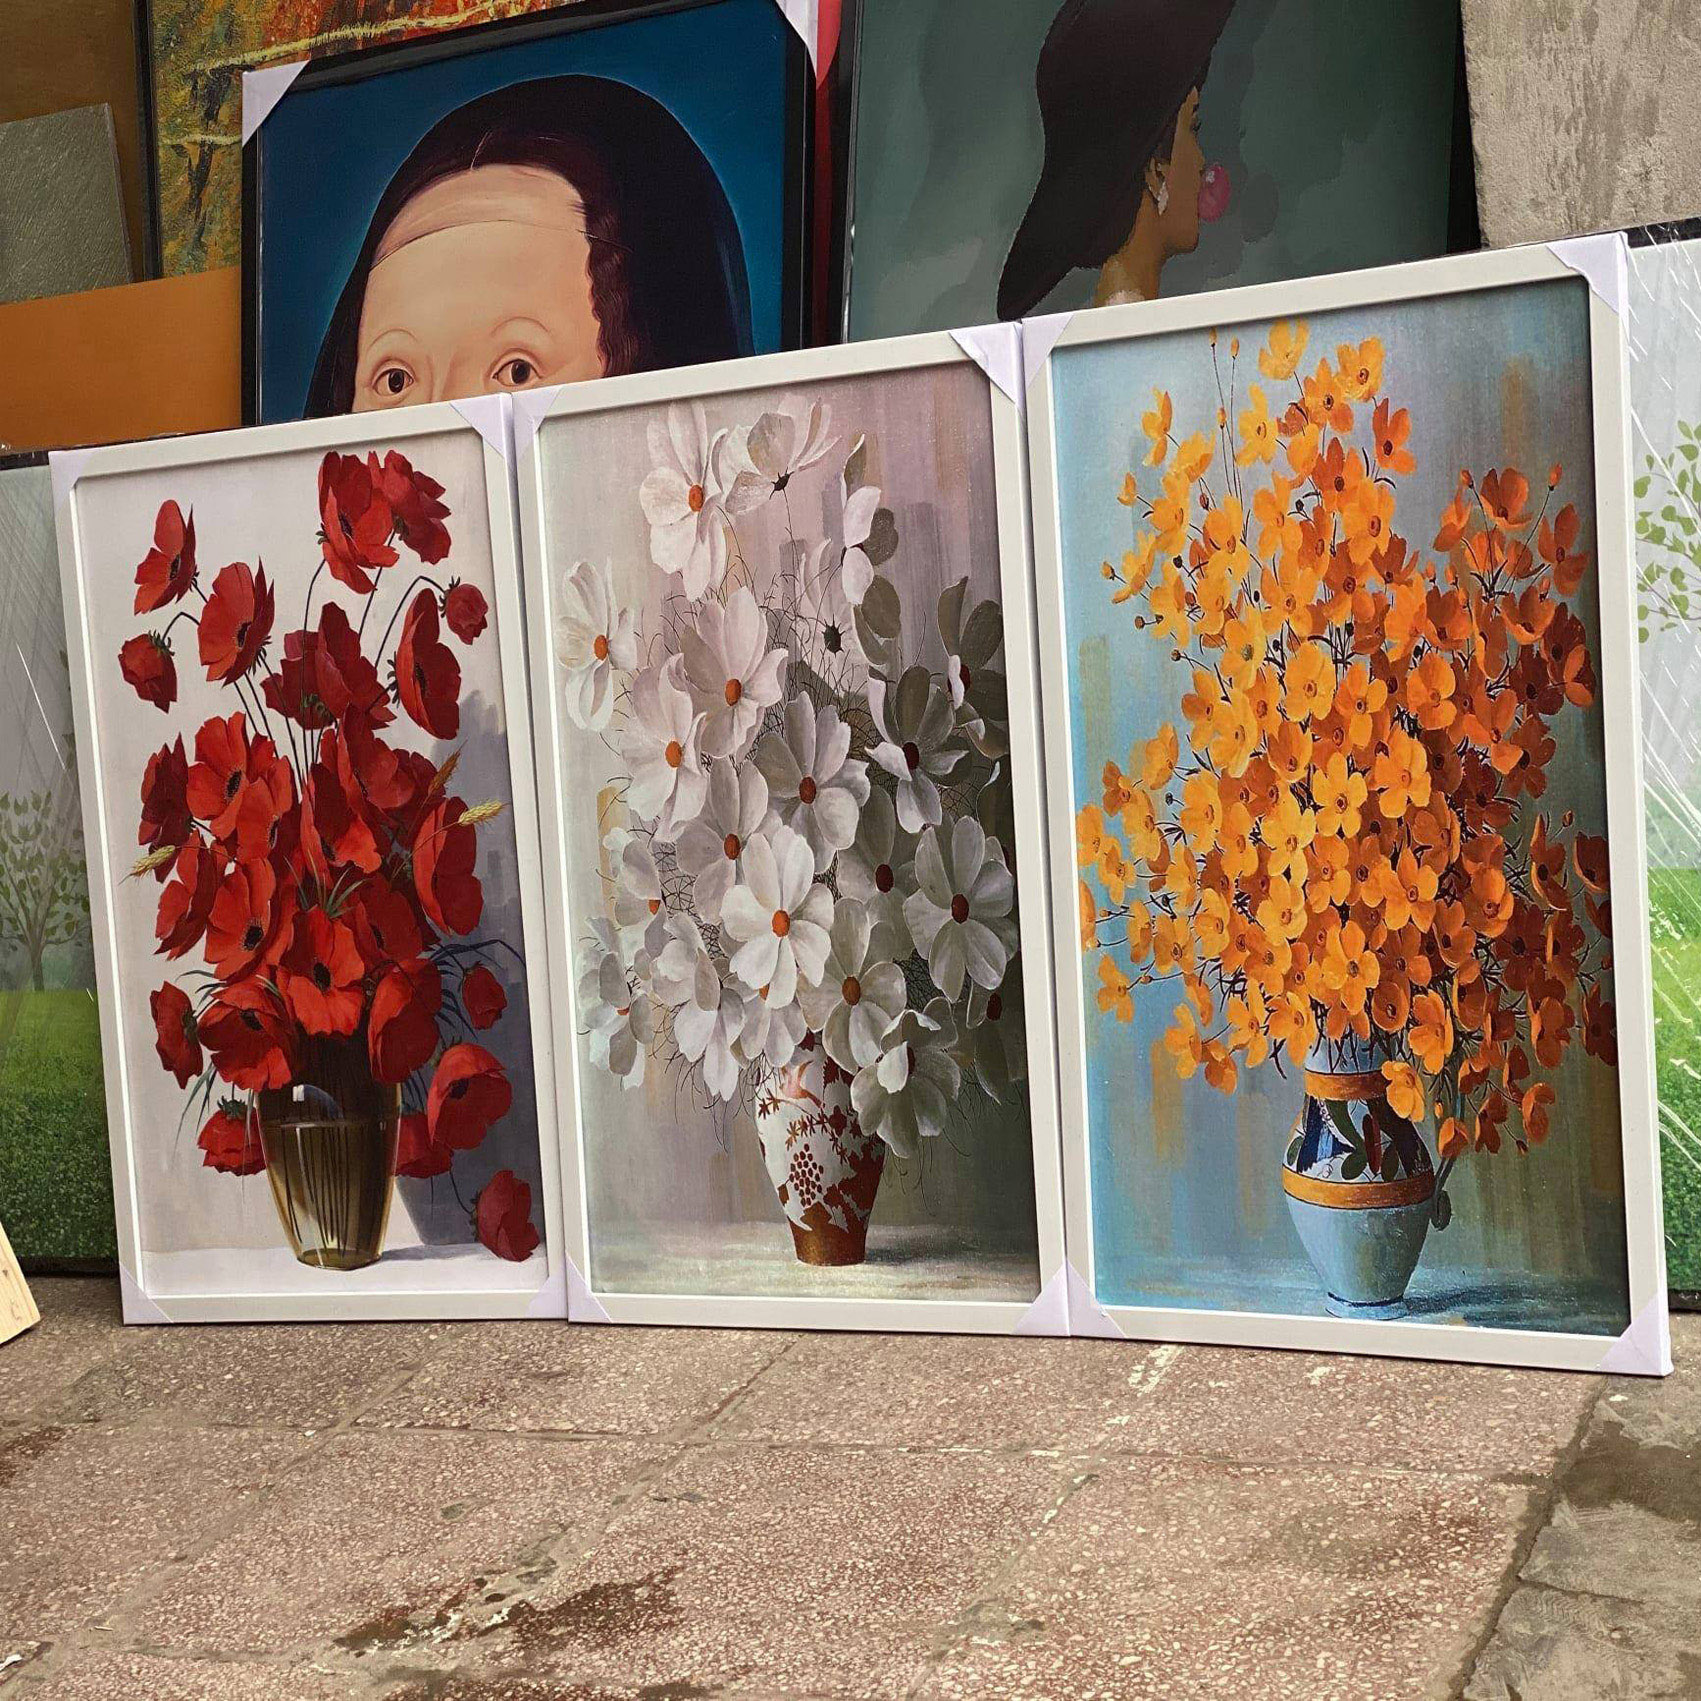 Tranh Canvas Treo Tường Hiện Đại _ Tranh Bộ 3 Cô Gái Mặc váy Hoa Hồng Đẹp